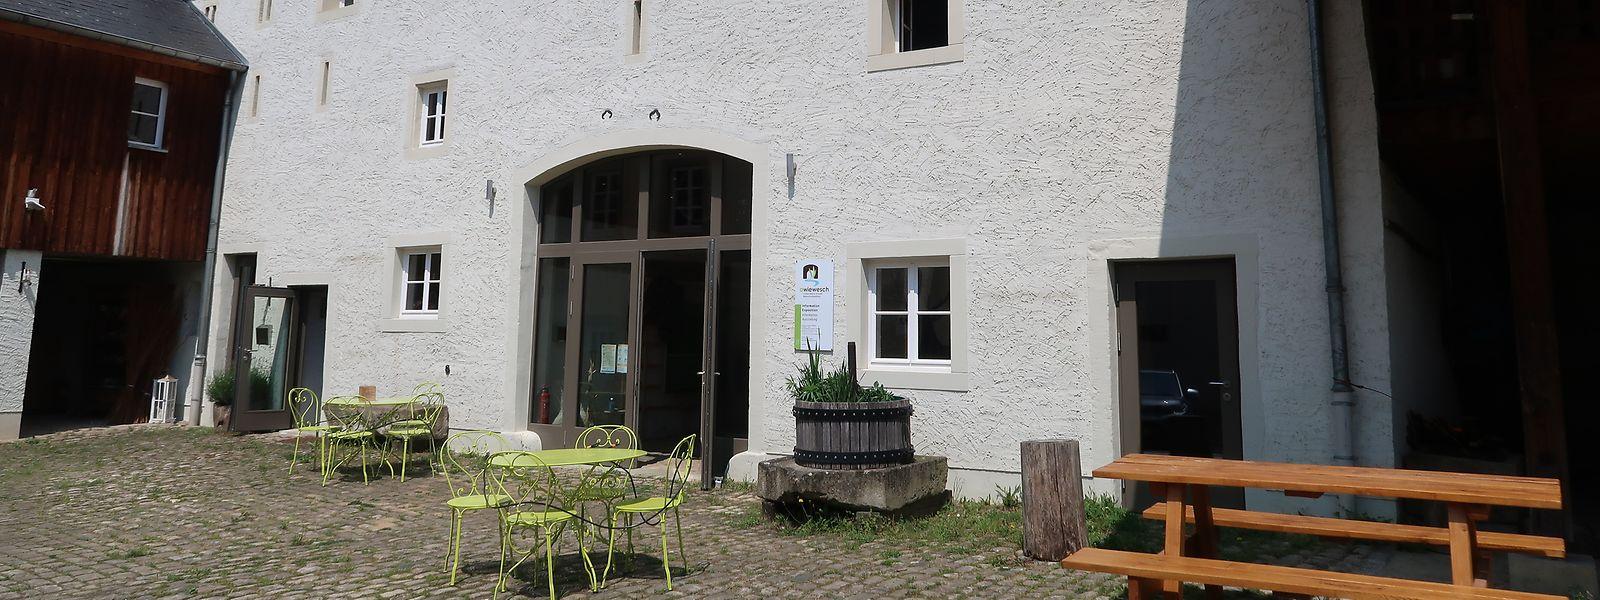 Tische und Bänke vor dem Naturzentrum laden Besucher zu einem Getränk ein. Das gibt es allerdings nur während der Öffnungszeiten.